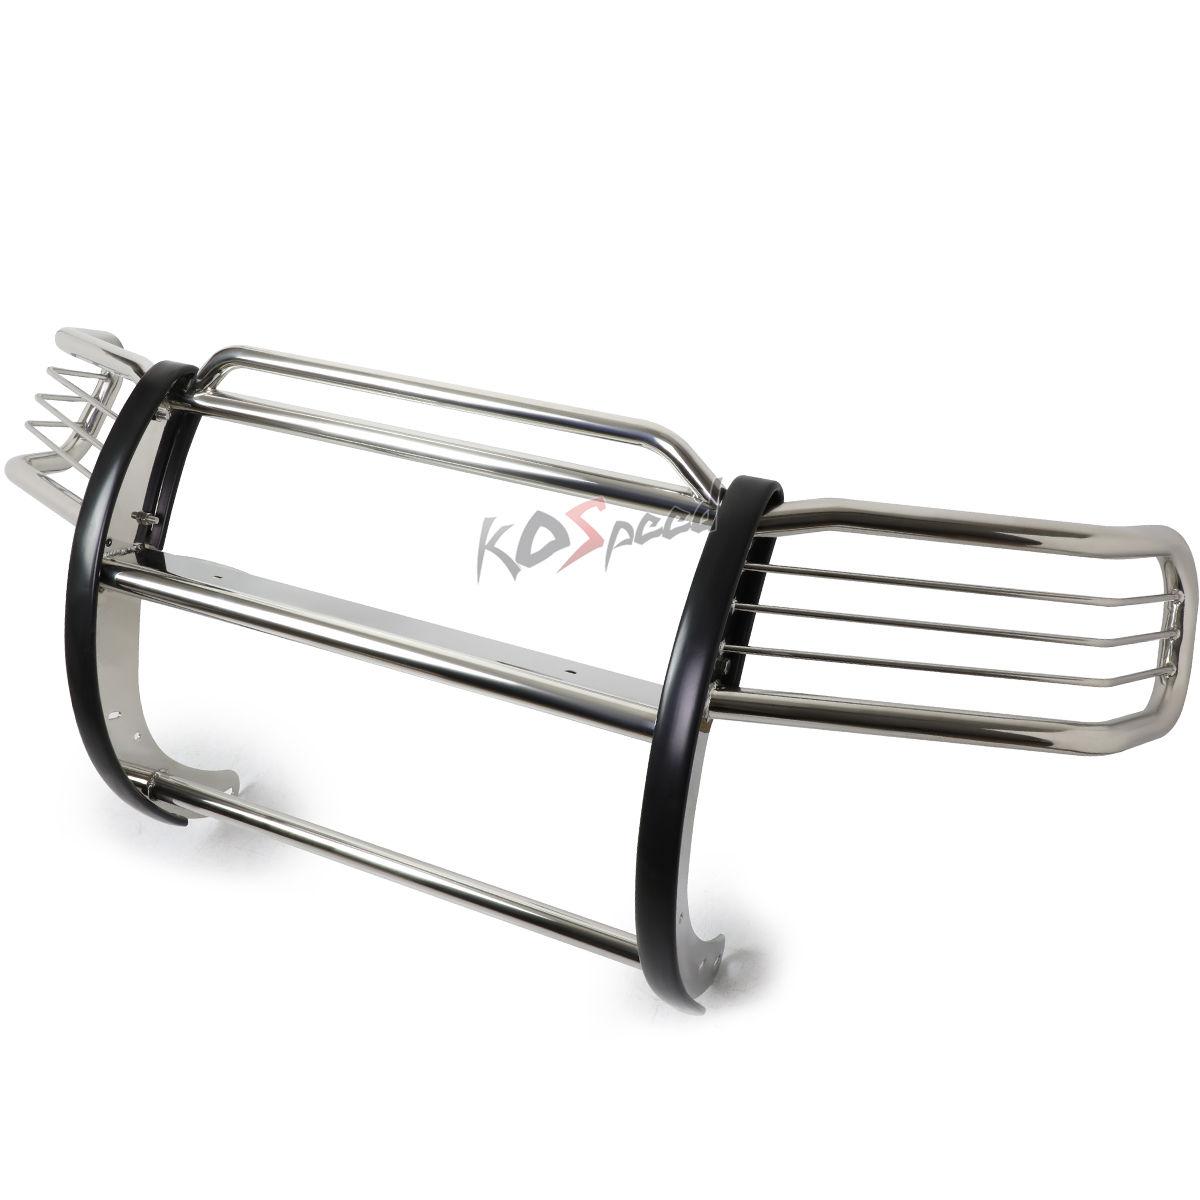 グリル 03-11ホンダエレメントY1 / H1用クロームステンレスブラシグリルガードフレーム Chrome Stainless Steel Brush Grille Guard Frame for 03-11 Honda Element Y1/H1